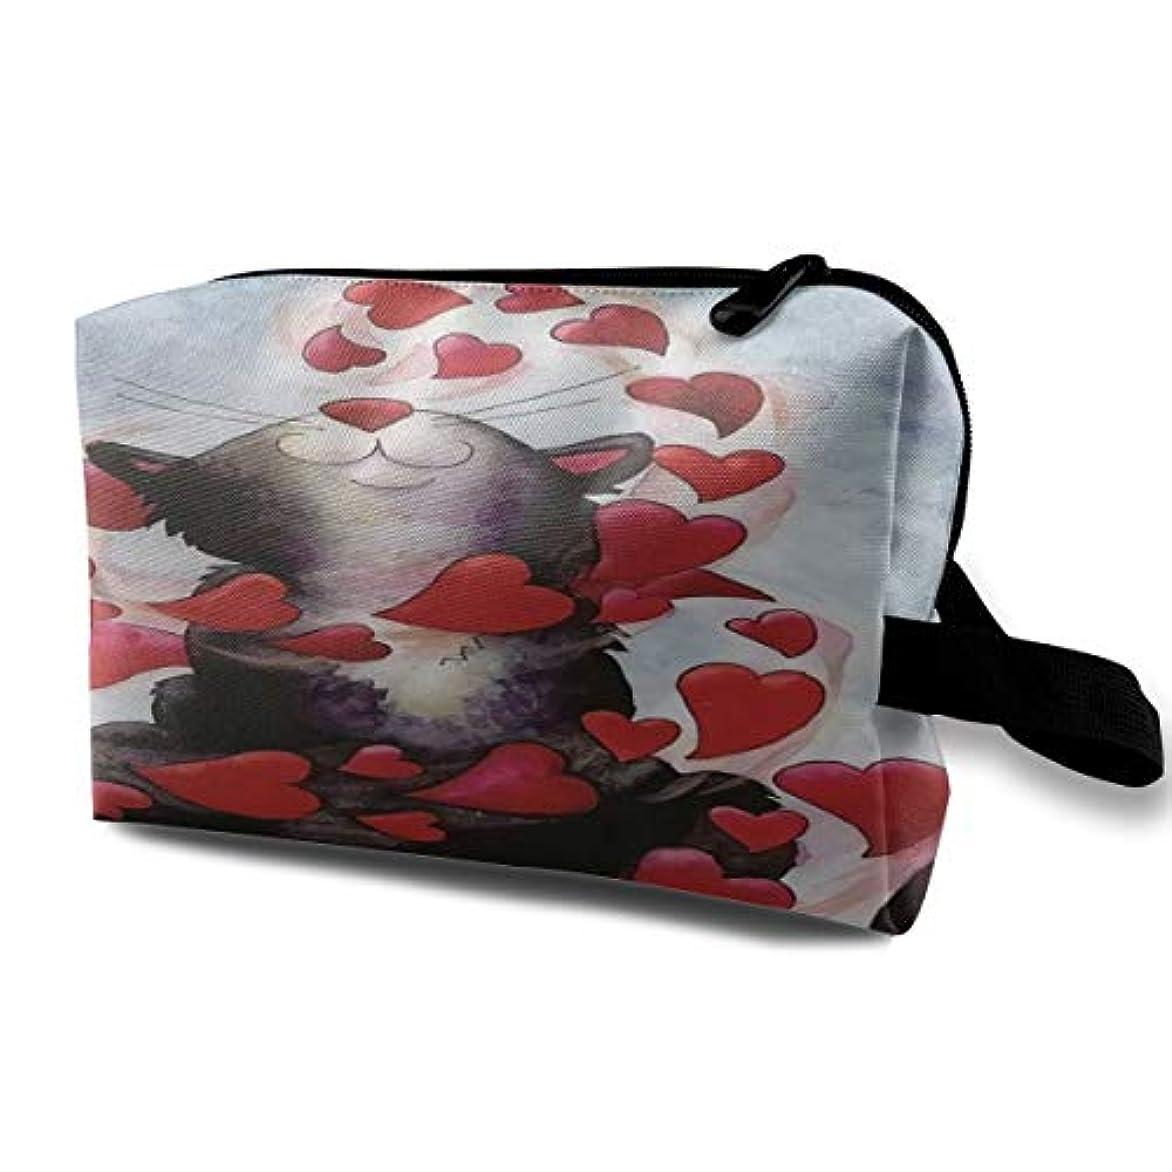 漁師推進力家族Black Cat Play Red Hearts Happy Valentine's Day 収納ポーチ 化粧ポーチ 大容量 軽量 耐久性 ハンドル付持ち運び便利。入れ 自宅?出張?旅行?アウトドア撮影などに対応。メンズ レディース トラベルグッズ